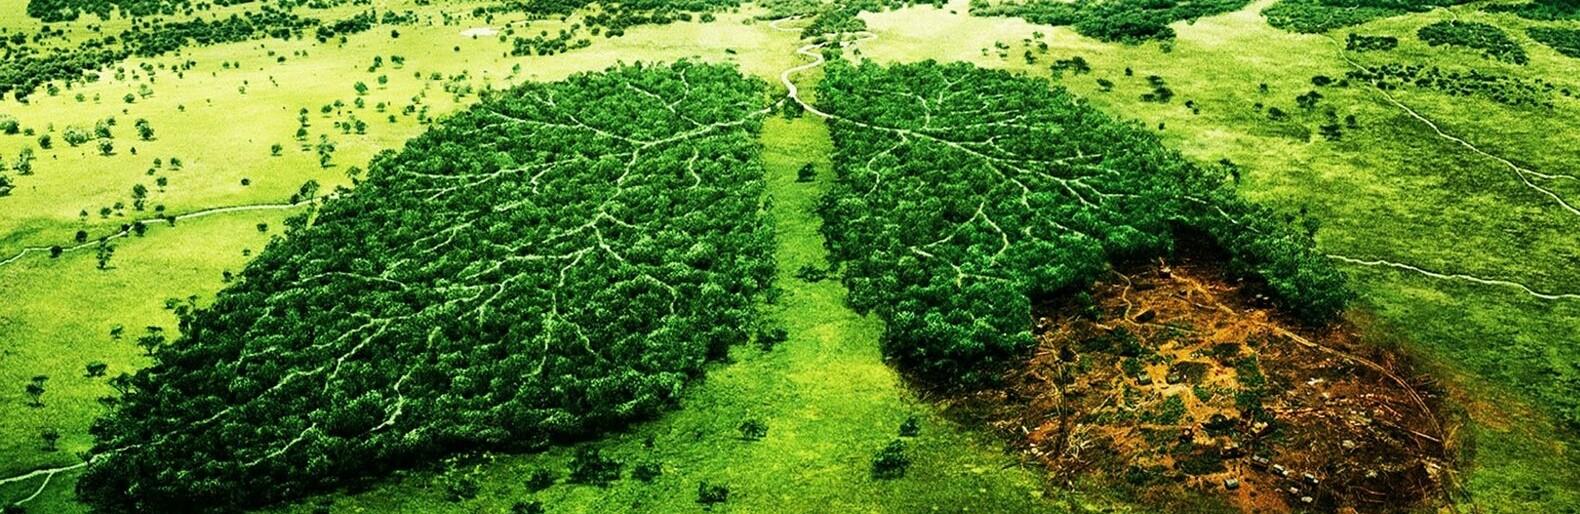 Незаконная вырубка леса: в Одесской области задержали черных лесорубов, - ФОТО, Жирносенко Александр